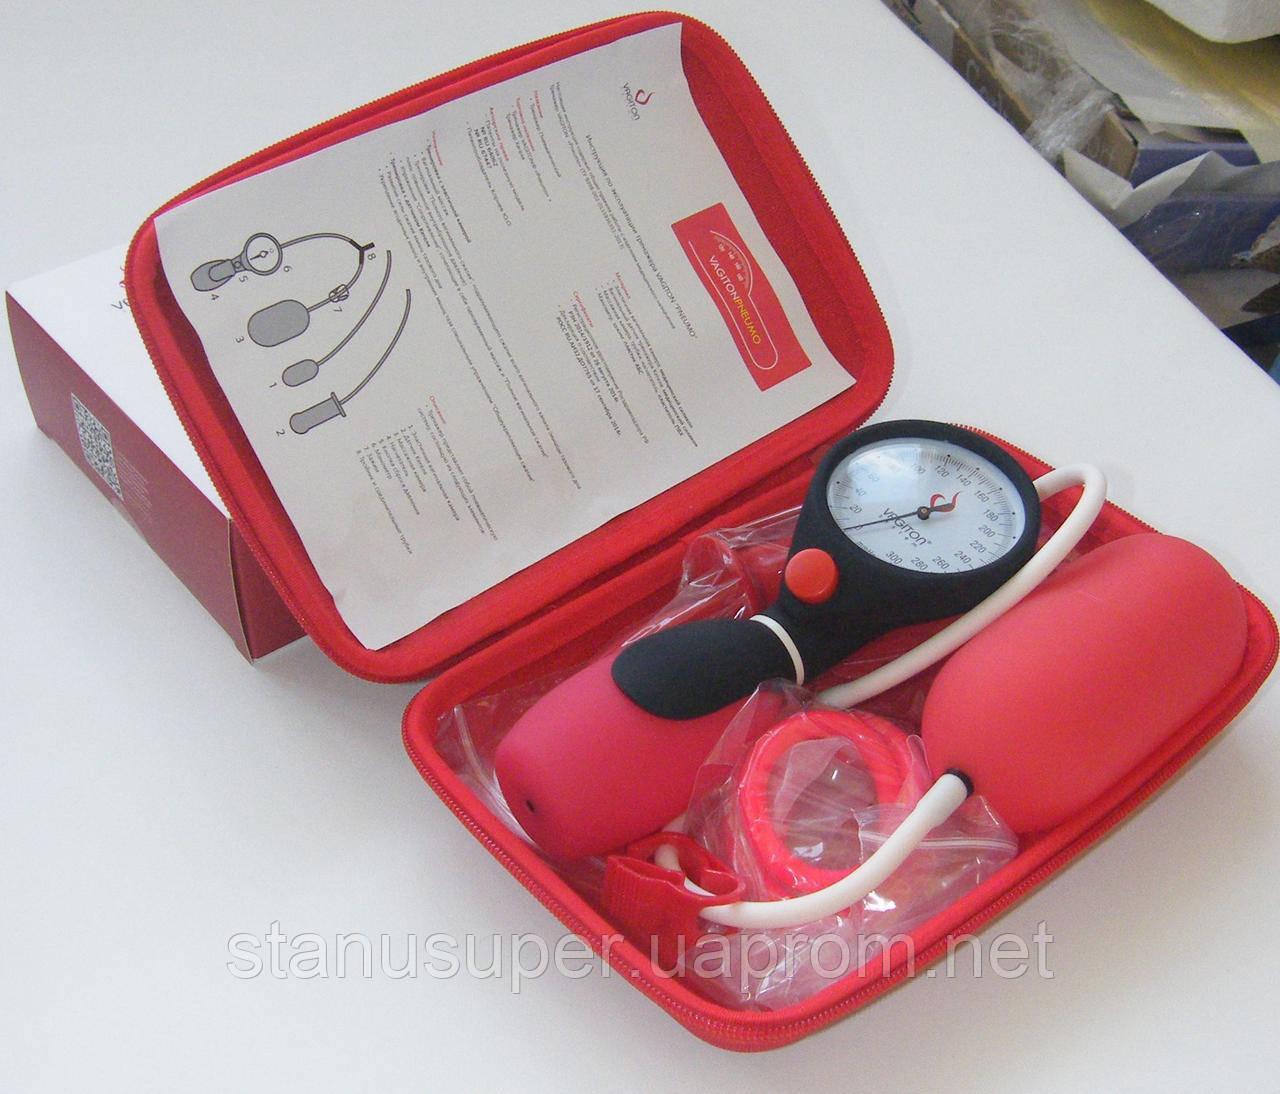 Перинеометр Кегеля - промежностнометр, вагинальный манометр для нехирургического лечения генитальной слабости